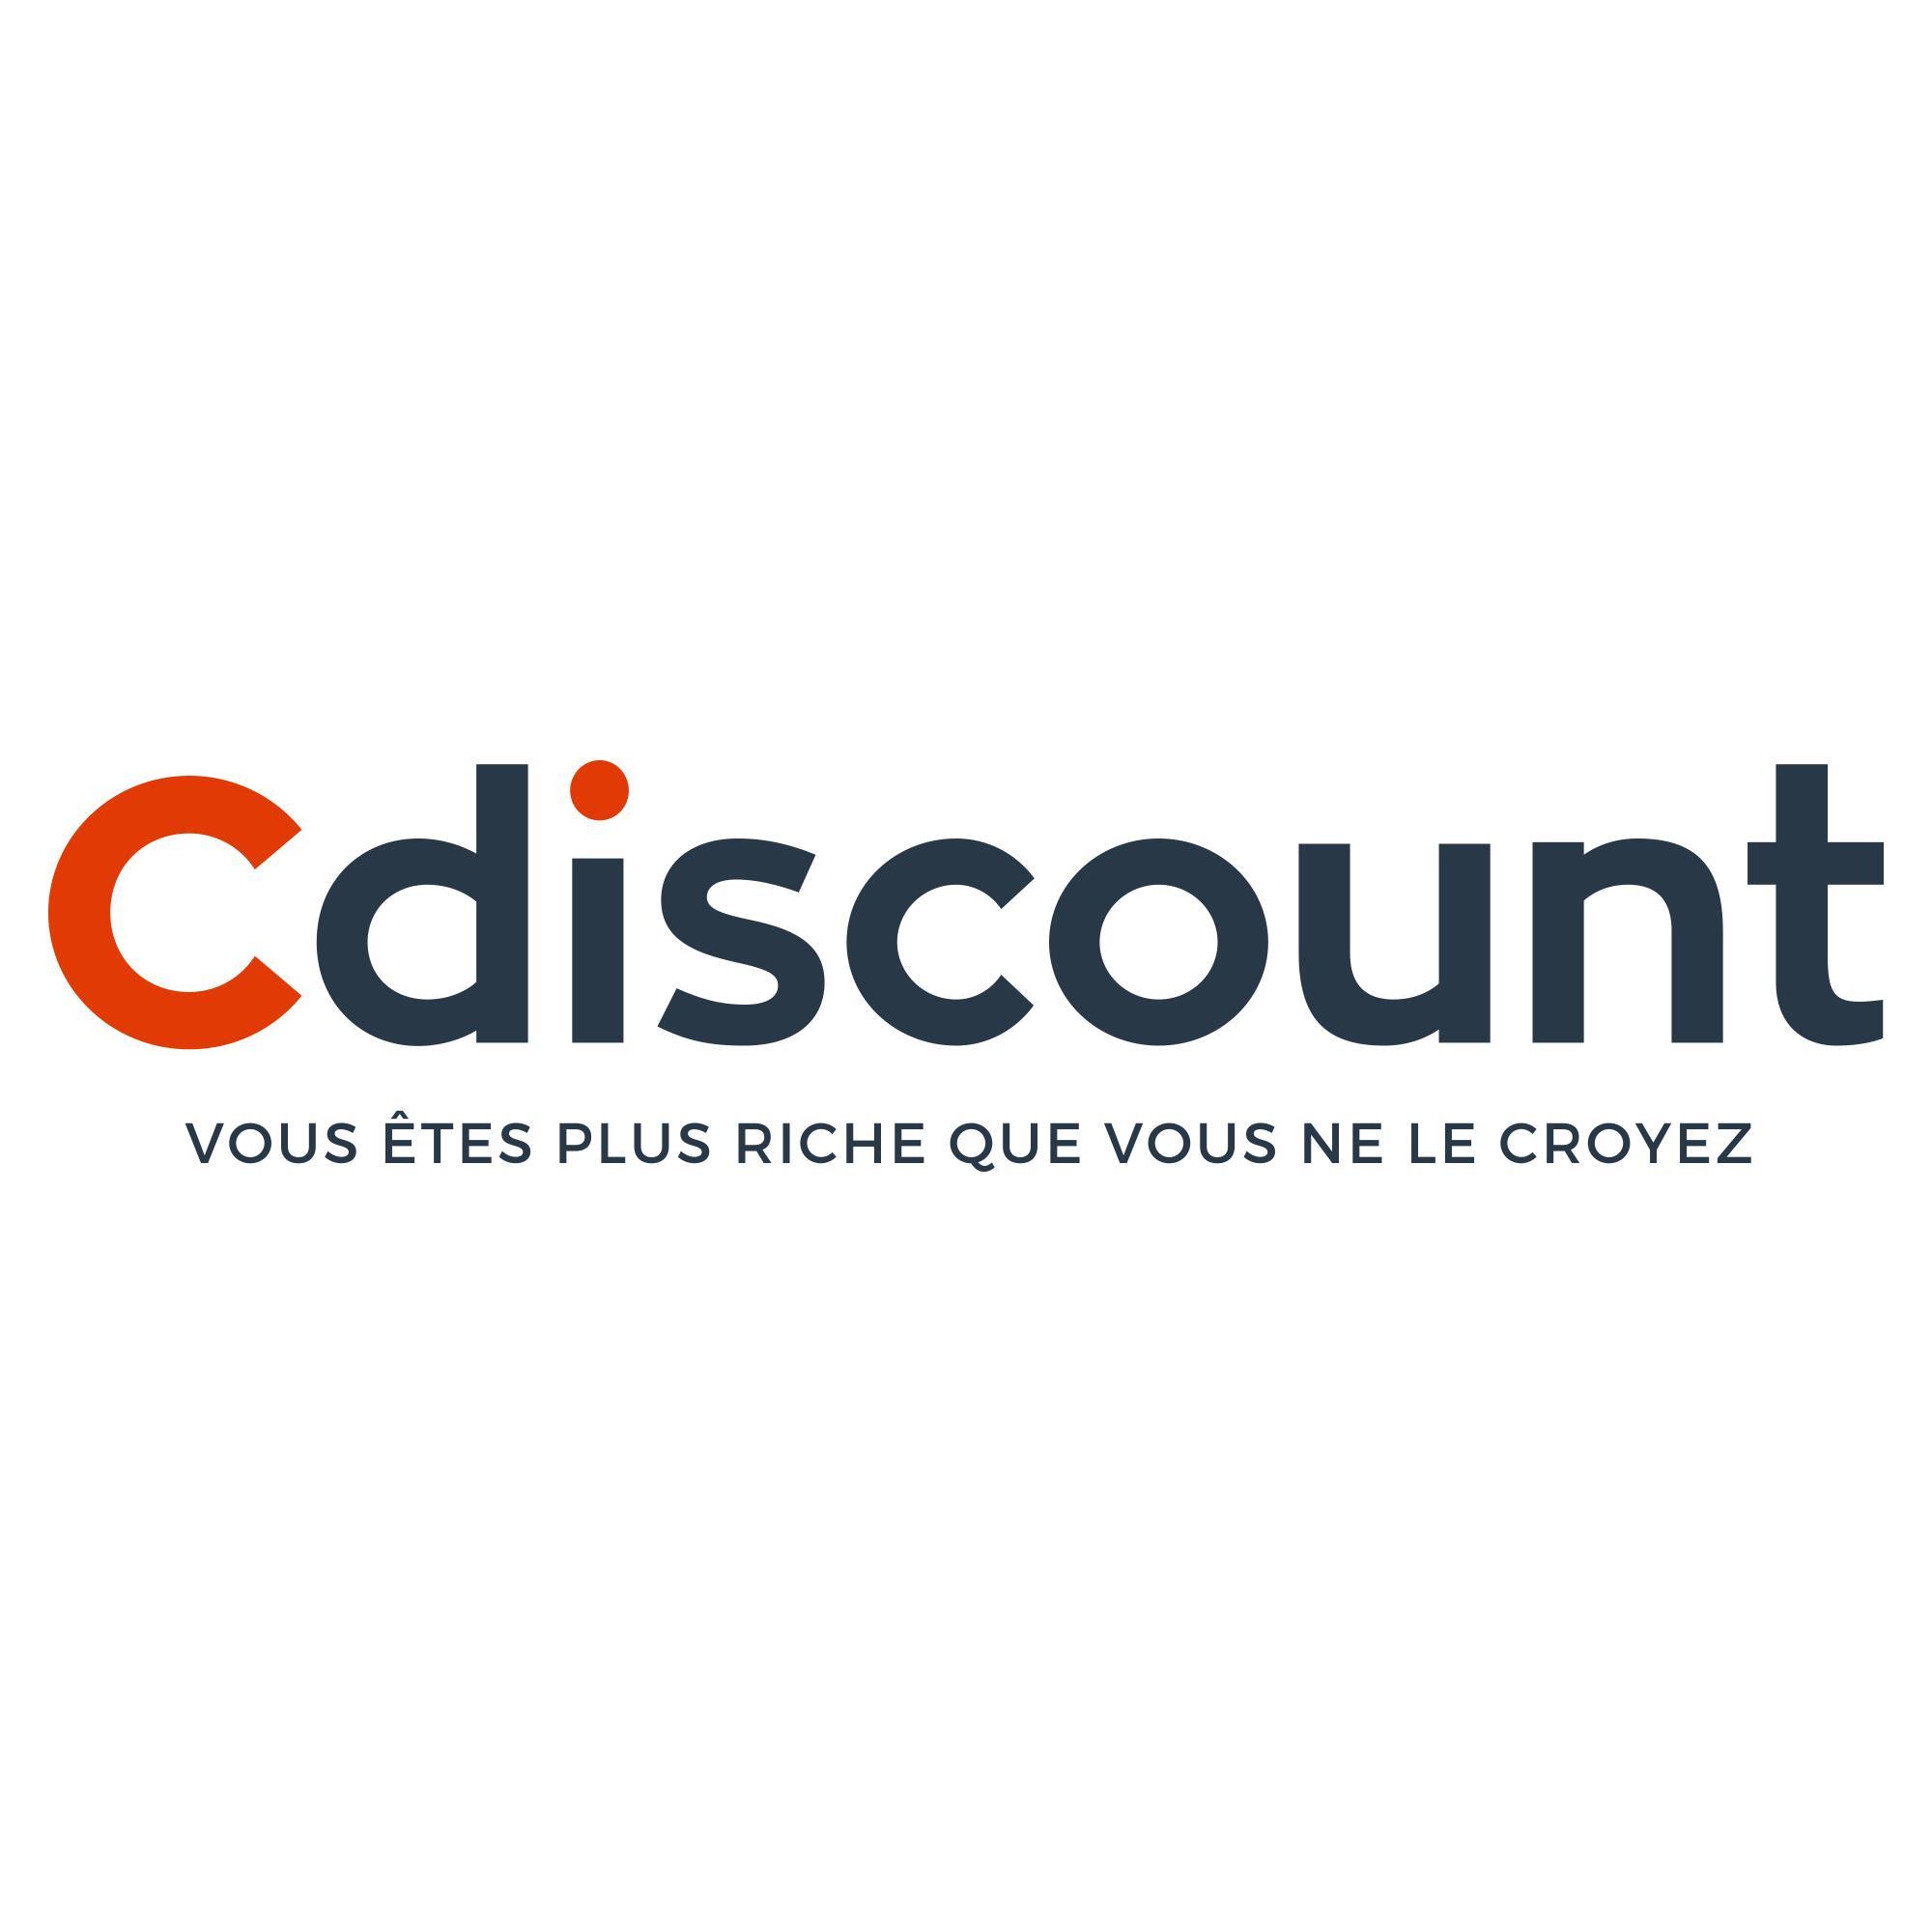 50€ de réduction dès 499€ d'achat, 25€ dès 299€ et 10€ dès 149€ sur tout le site Marketplace compris